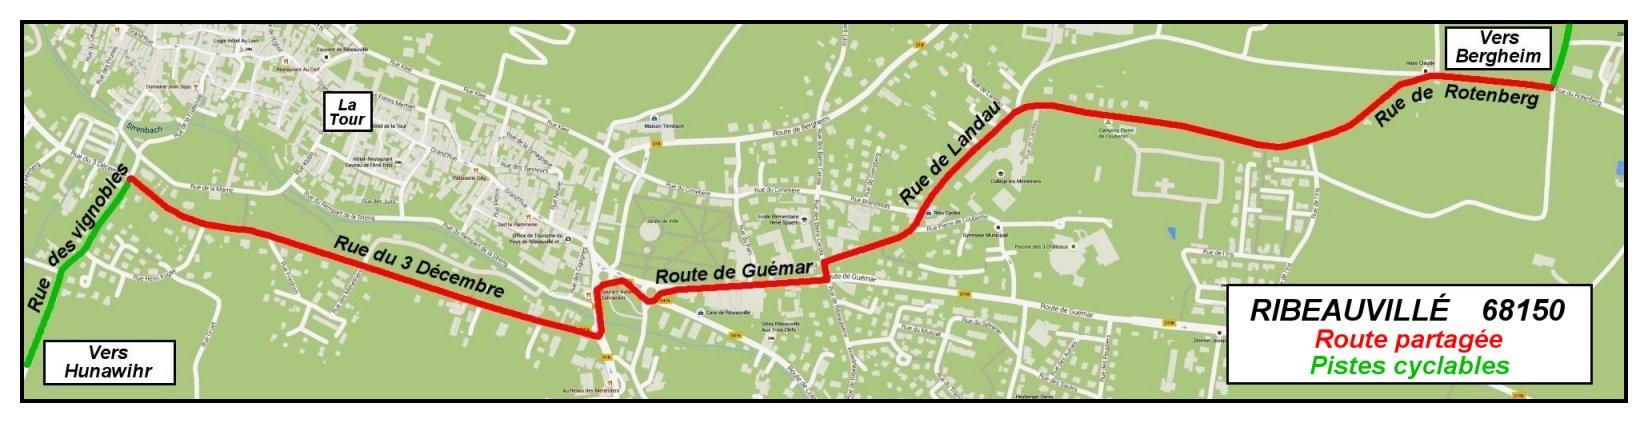 Plan ribeauville 2